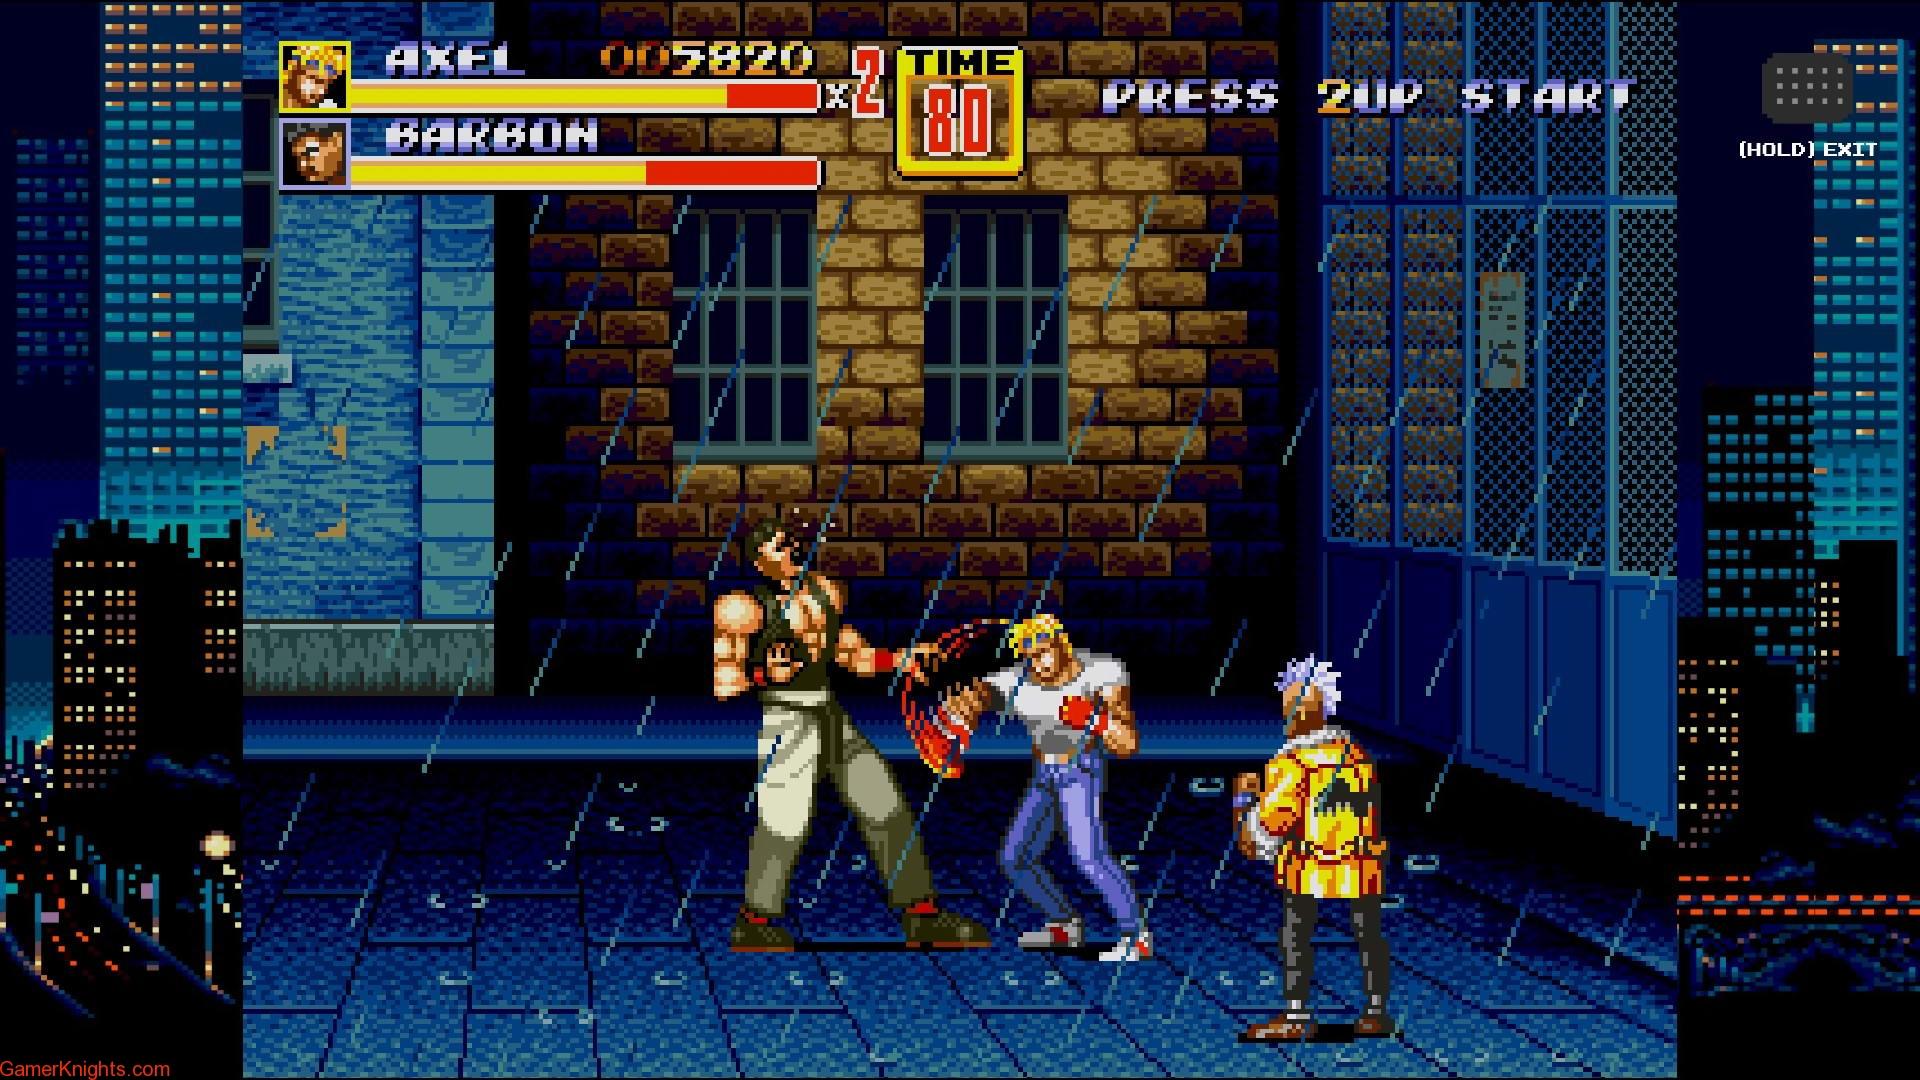 Alien Wallpaper 3d Sega Mega Drive Classics Gamerknights